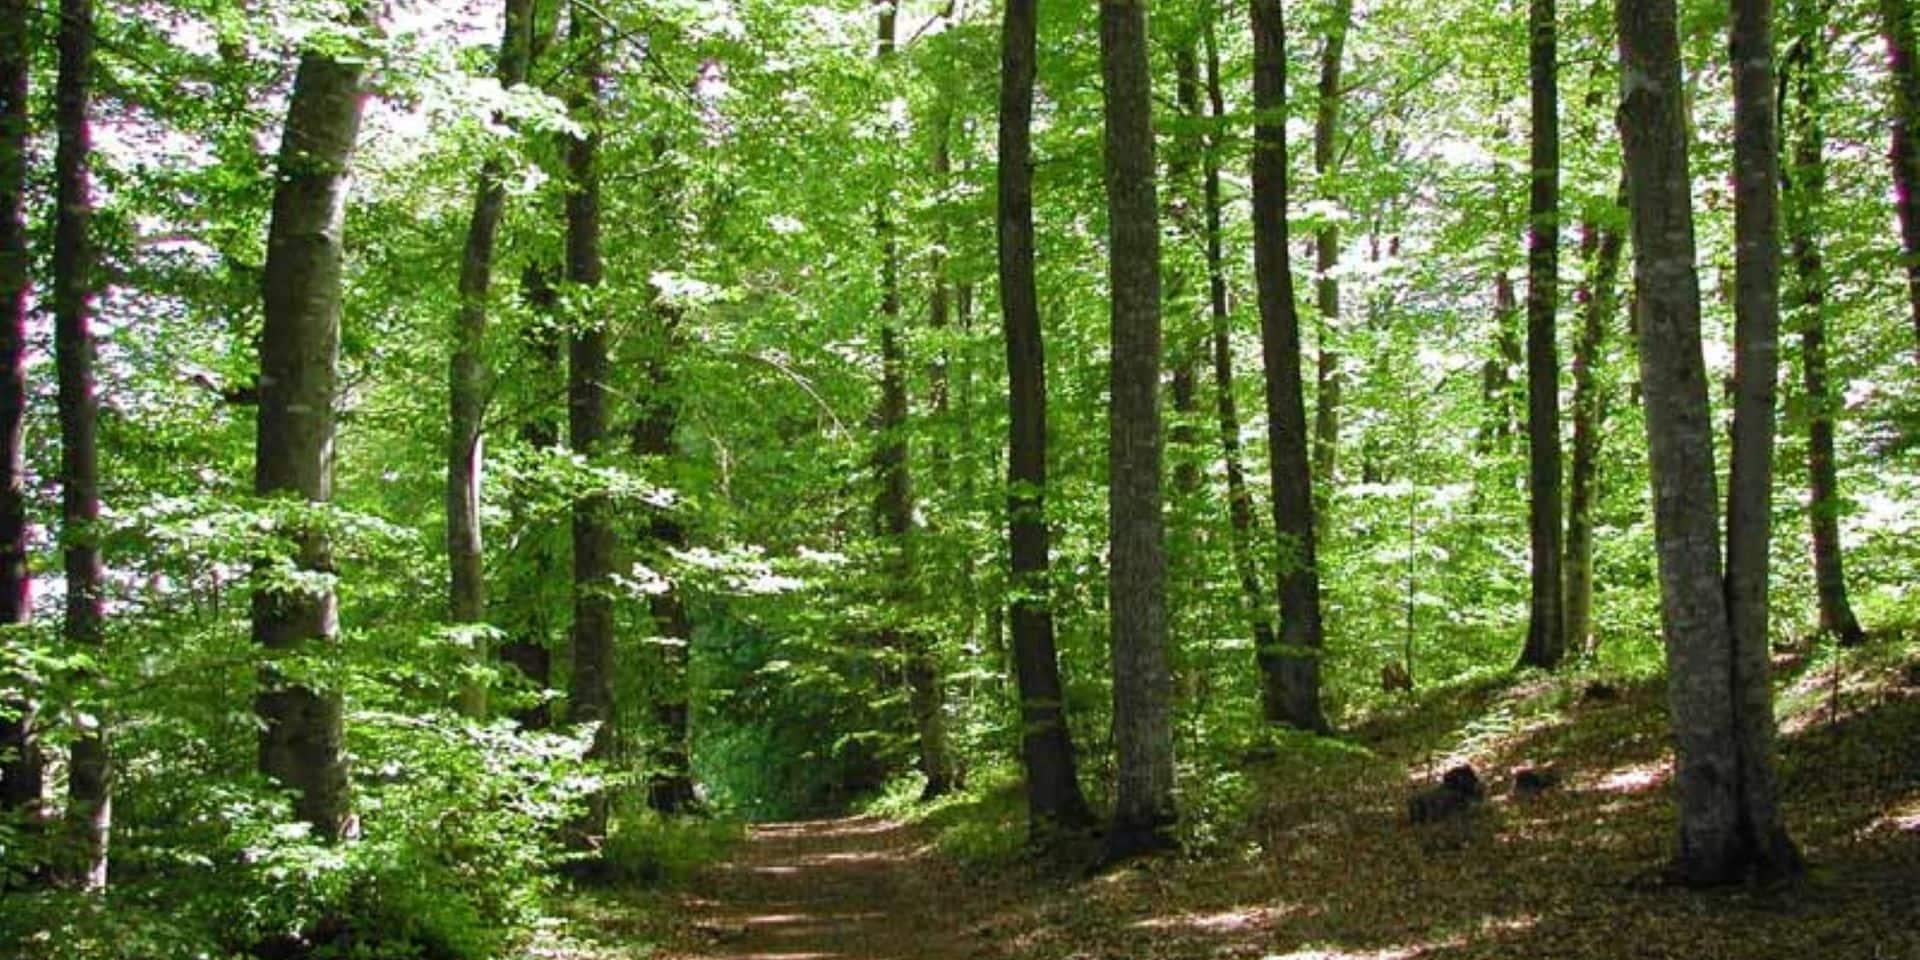 Gestion durable des forêts : une soirée d'information à Houffalize